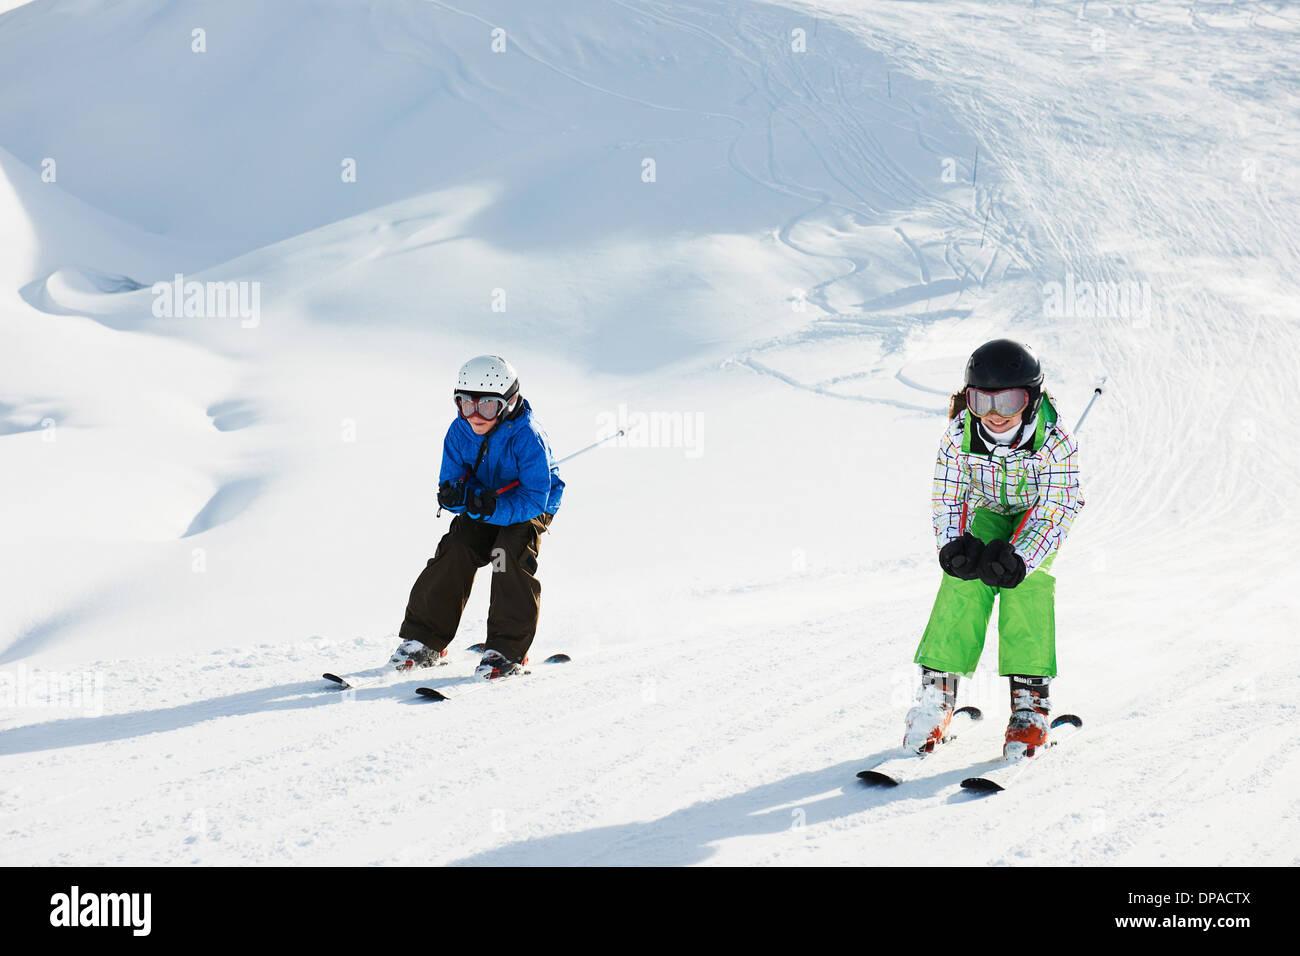 Frère et sœur, ski Les Arcs, Haute-Savoie, France Photo Stock